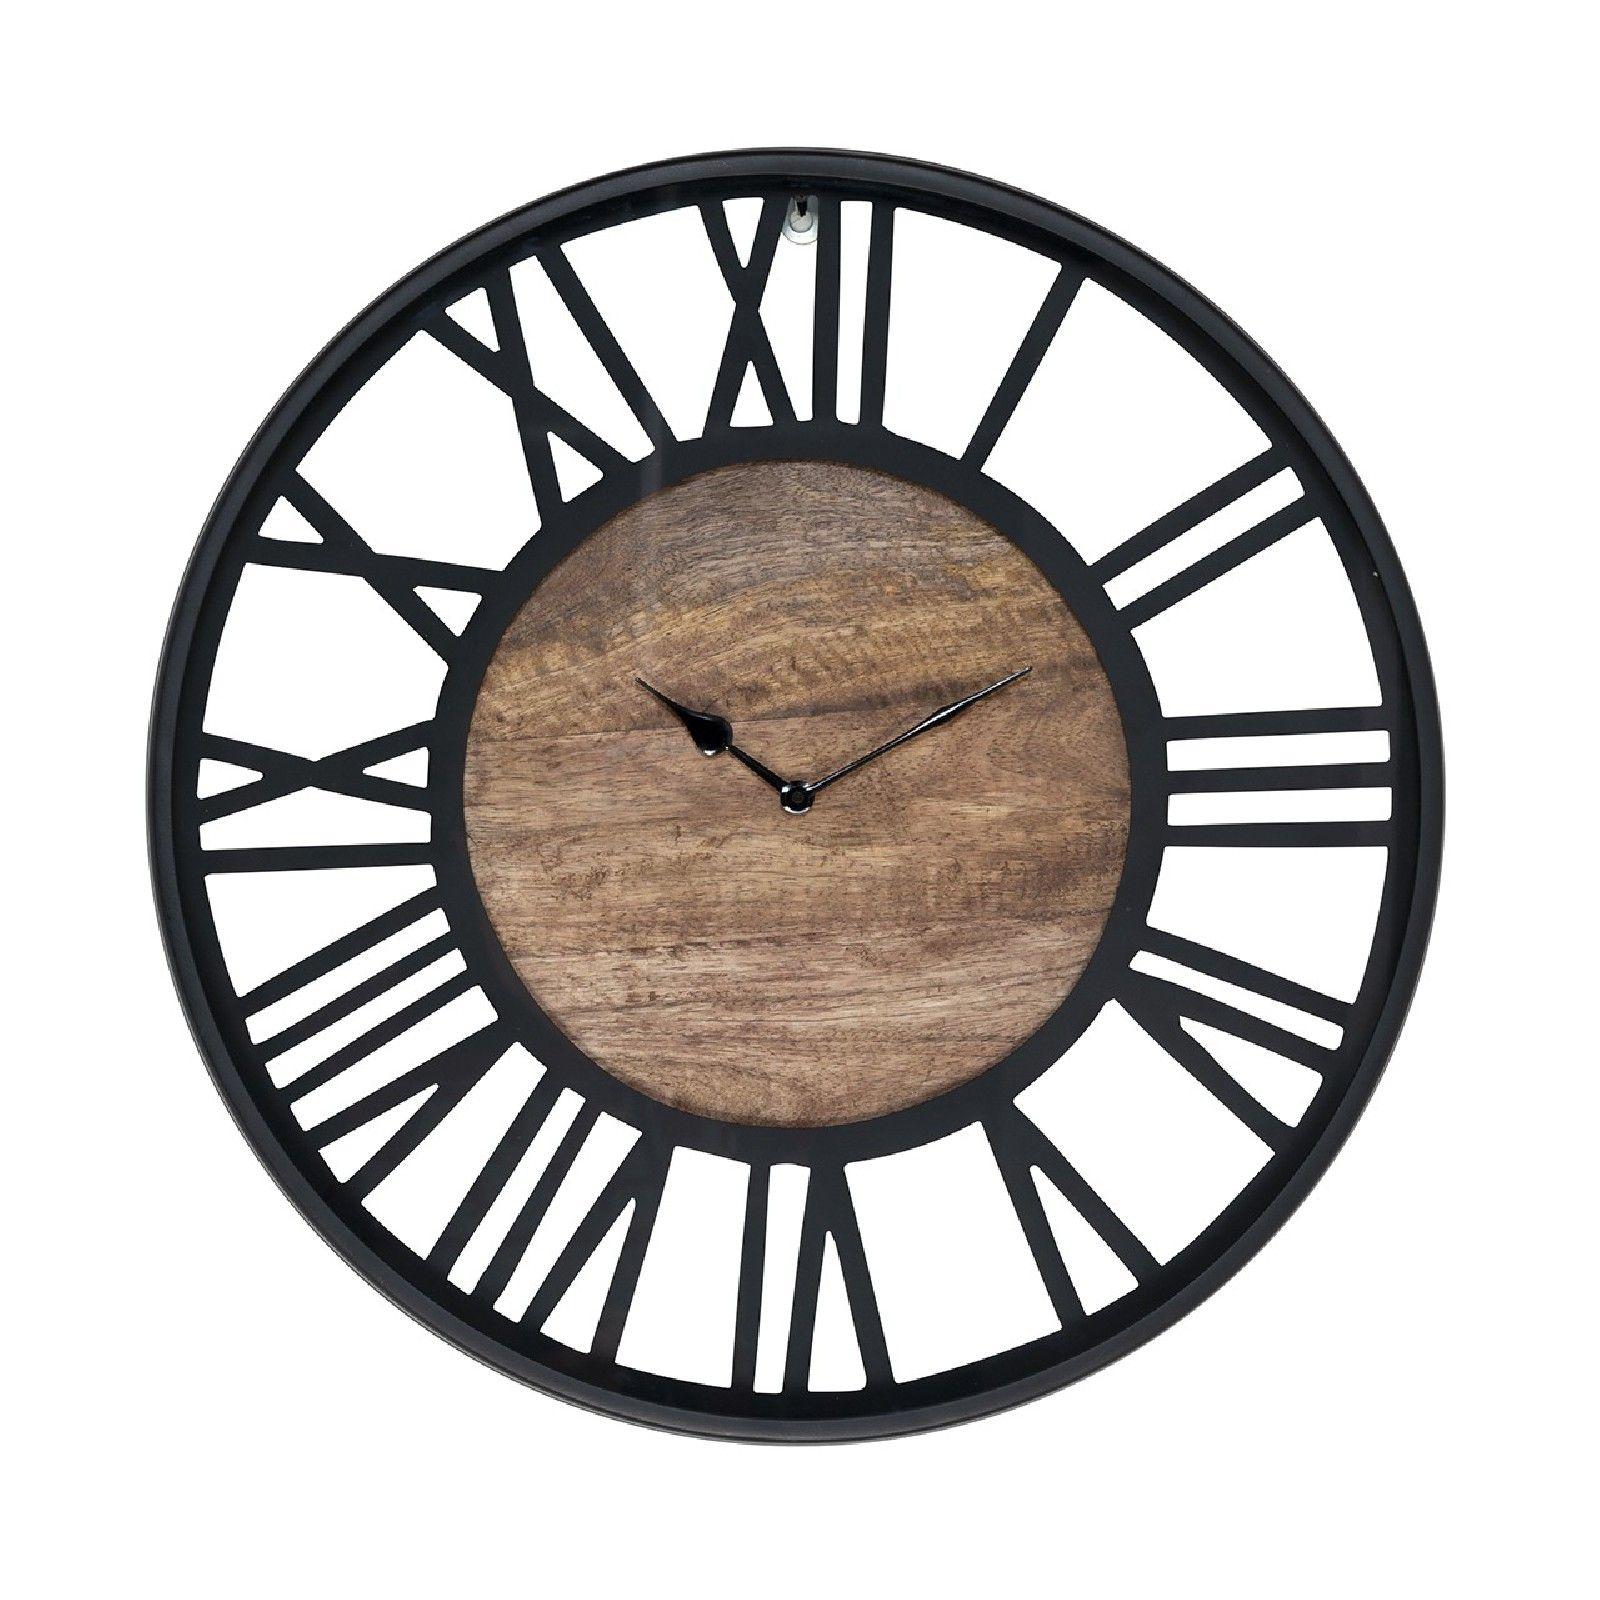 Horloge Scott Horloges murales - 3